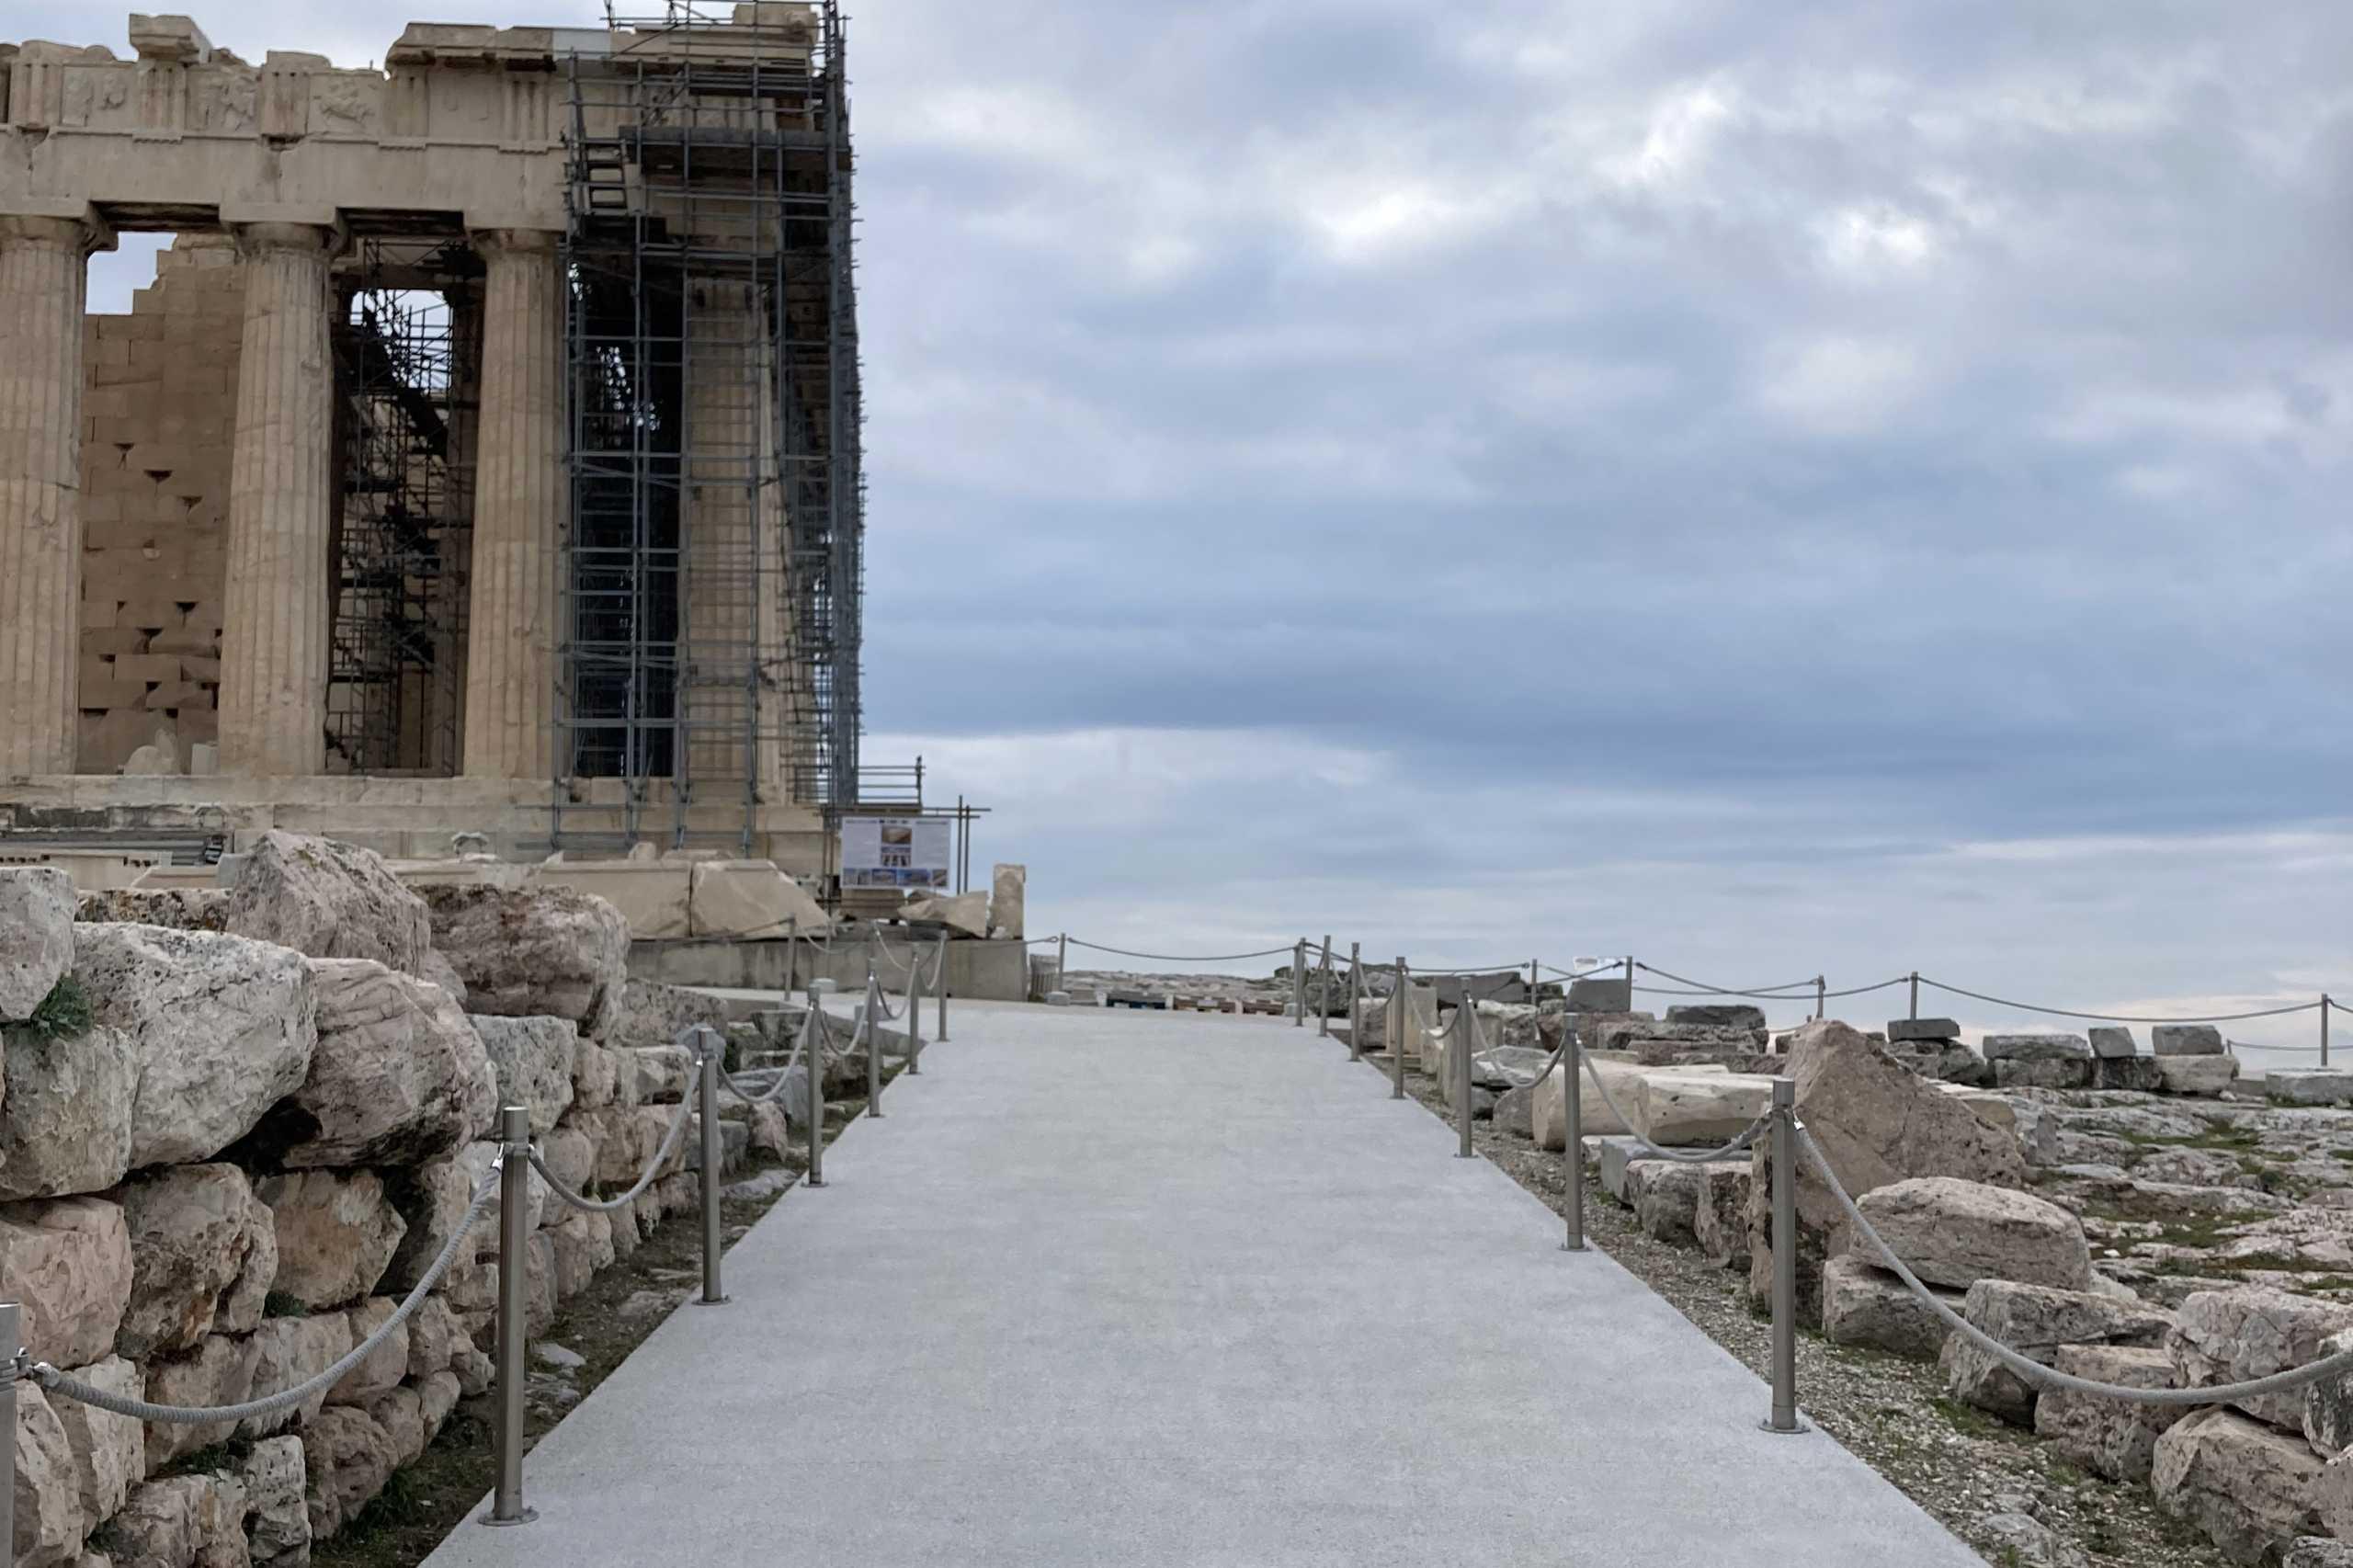 Εξηγήσεις του Υπουργείου Πολιτισμού για την Ακρόπολη που πλημμύρισε από τη βροχή